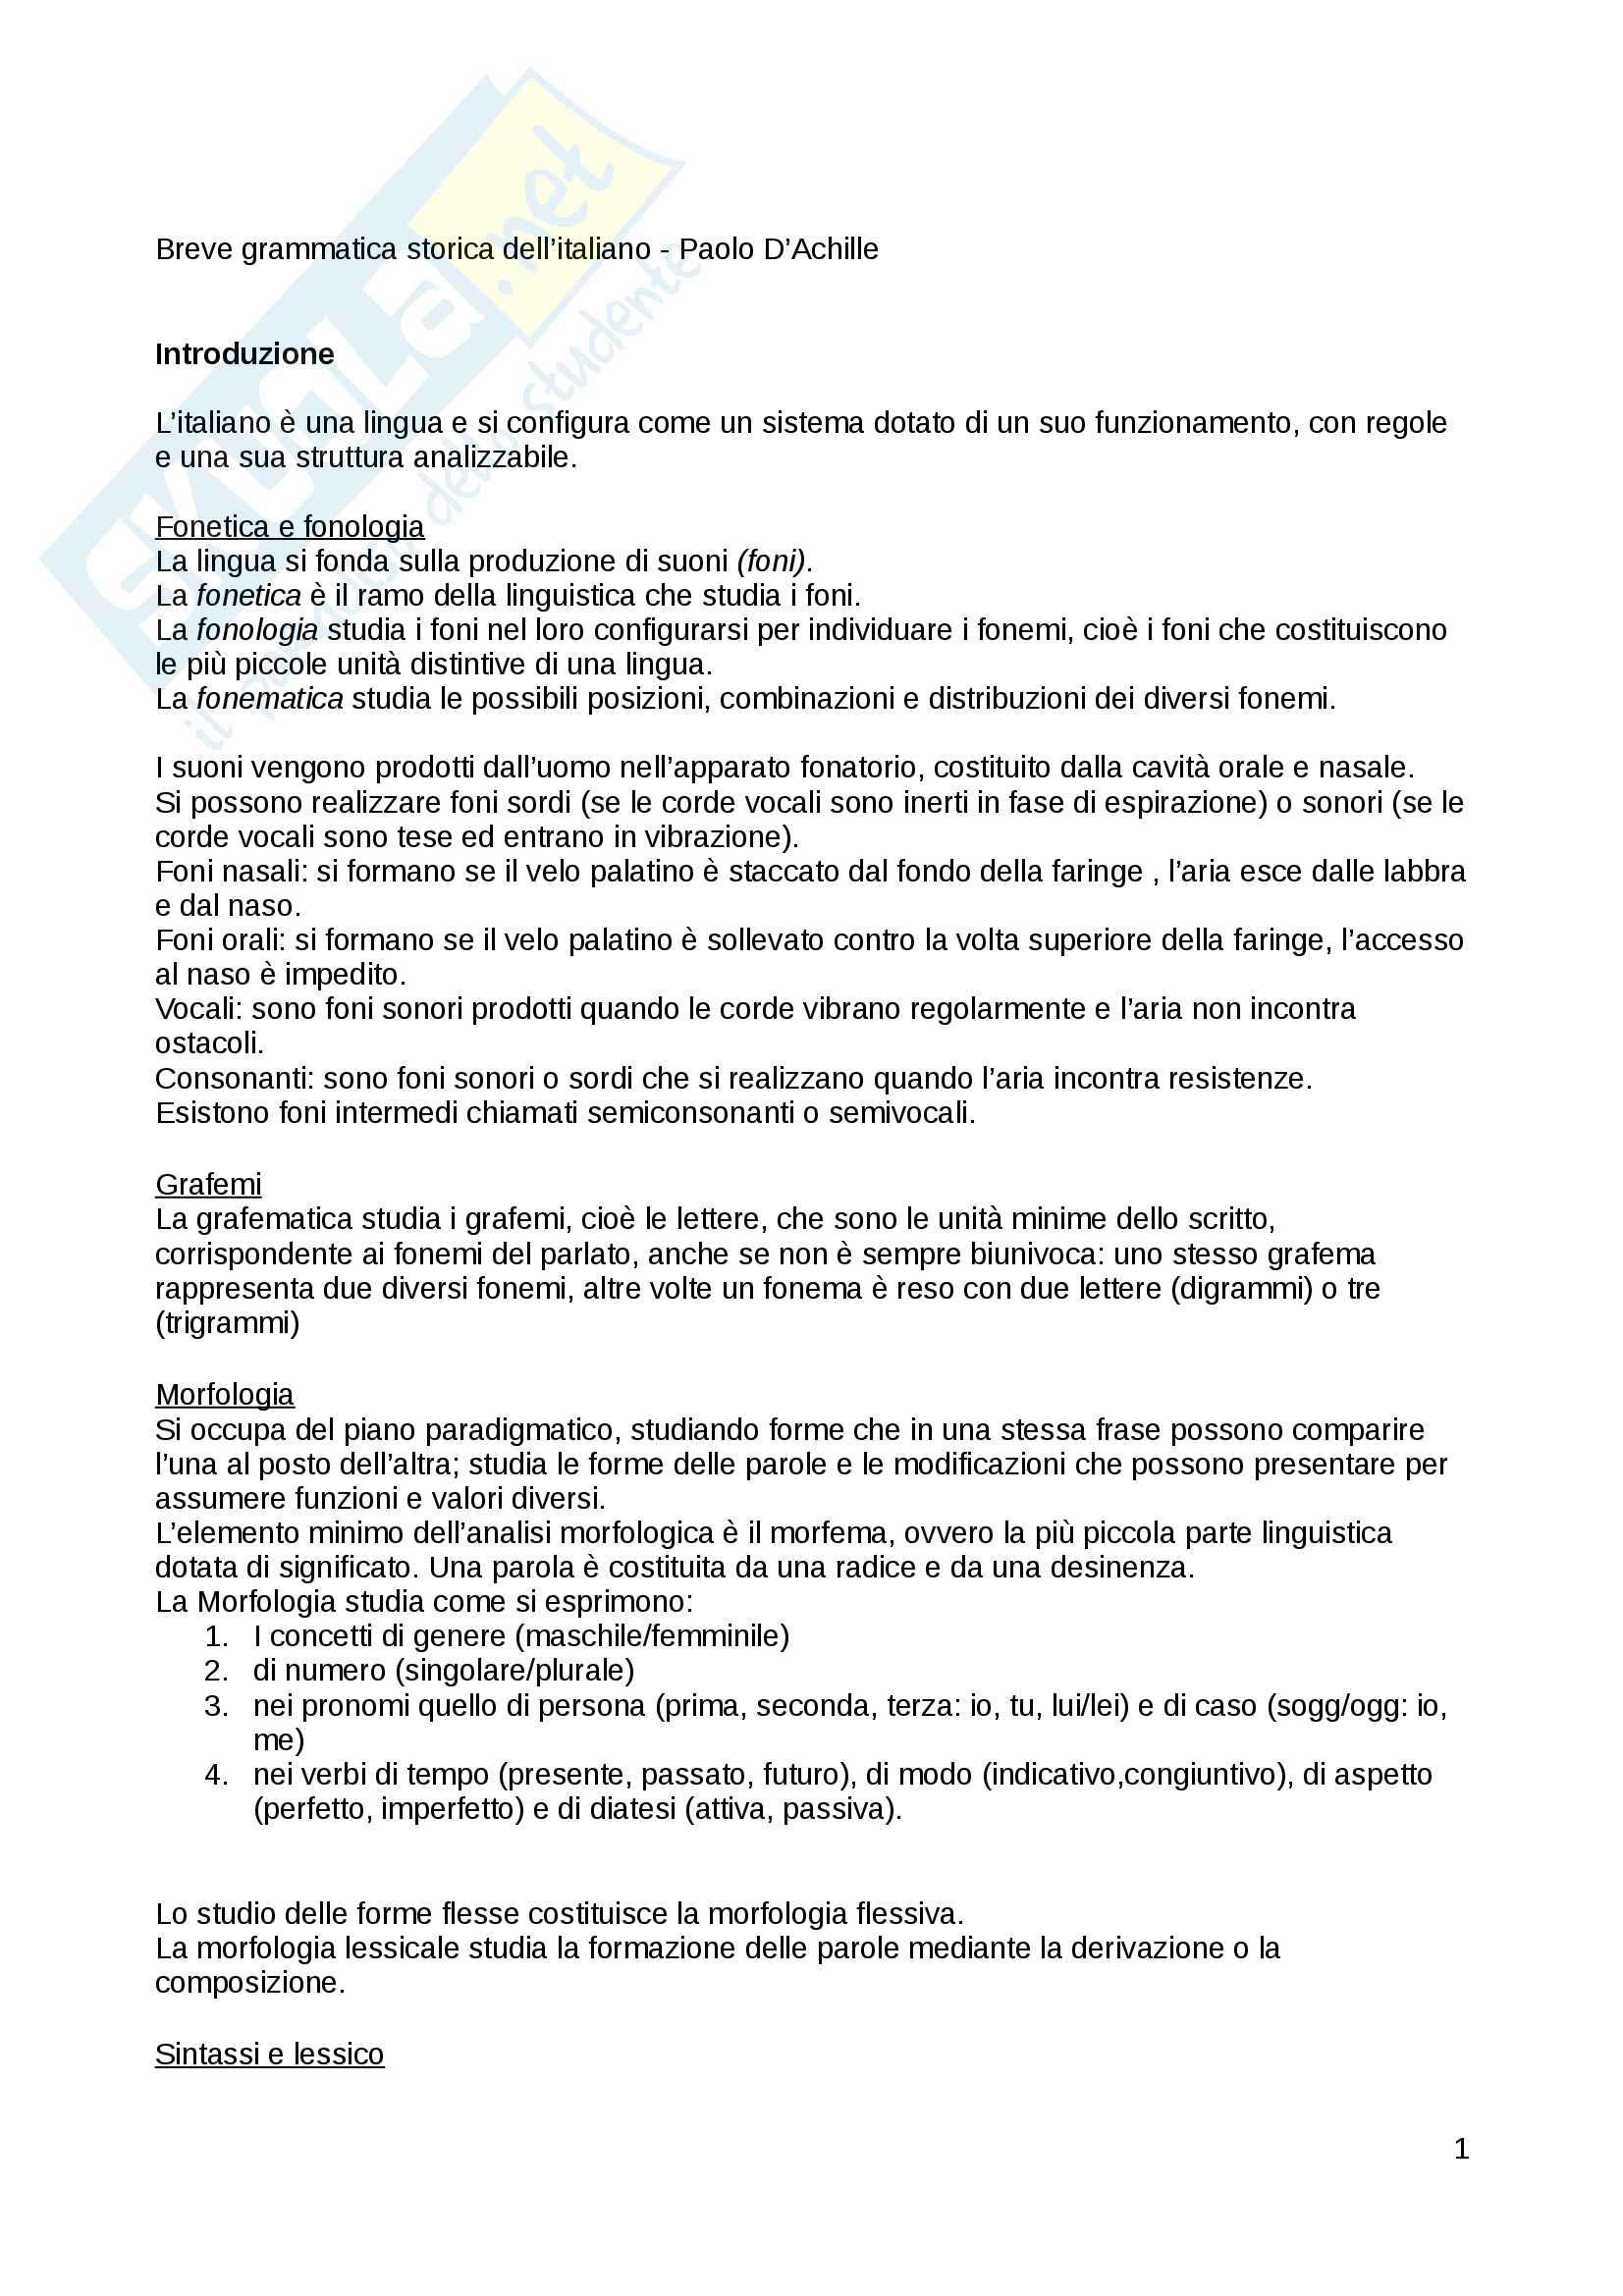 appunto P. D'Achille Istituzioni di linguistica italiana